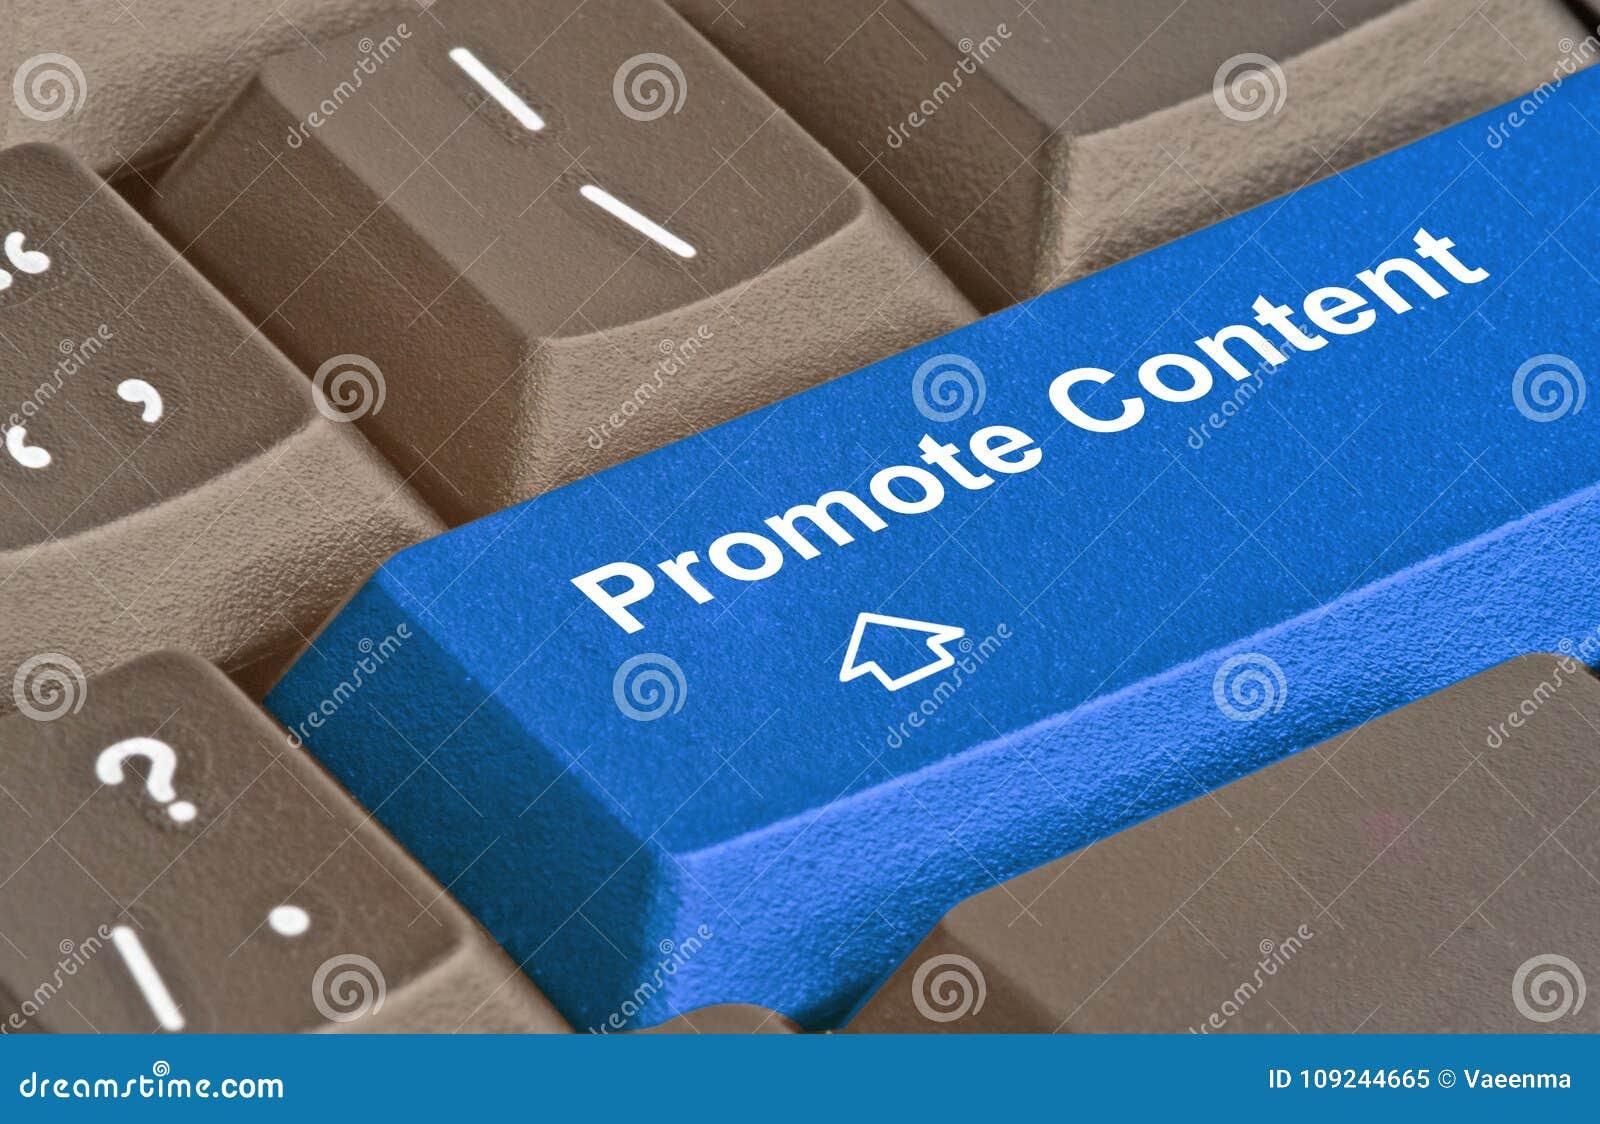 Sleutel om inhoud te bevorderen